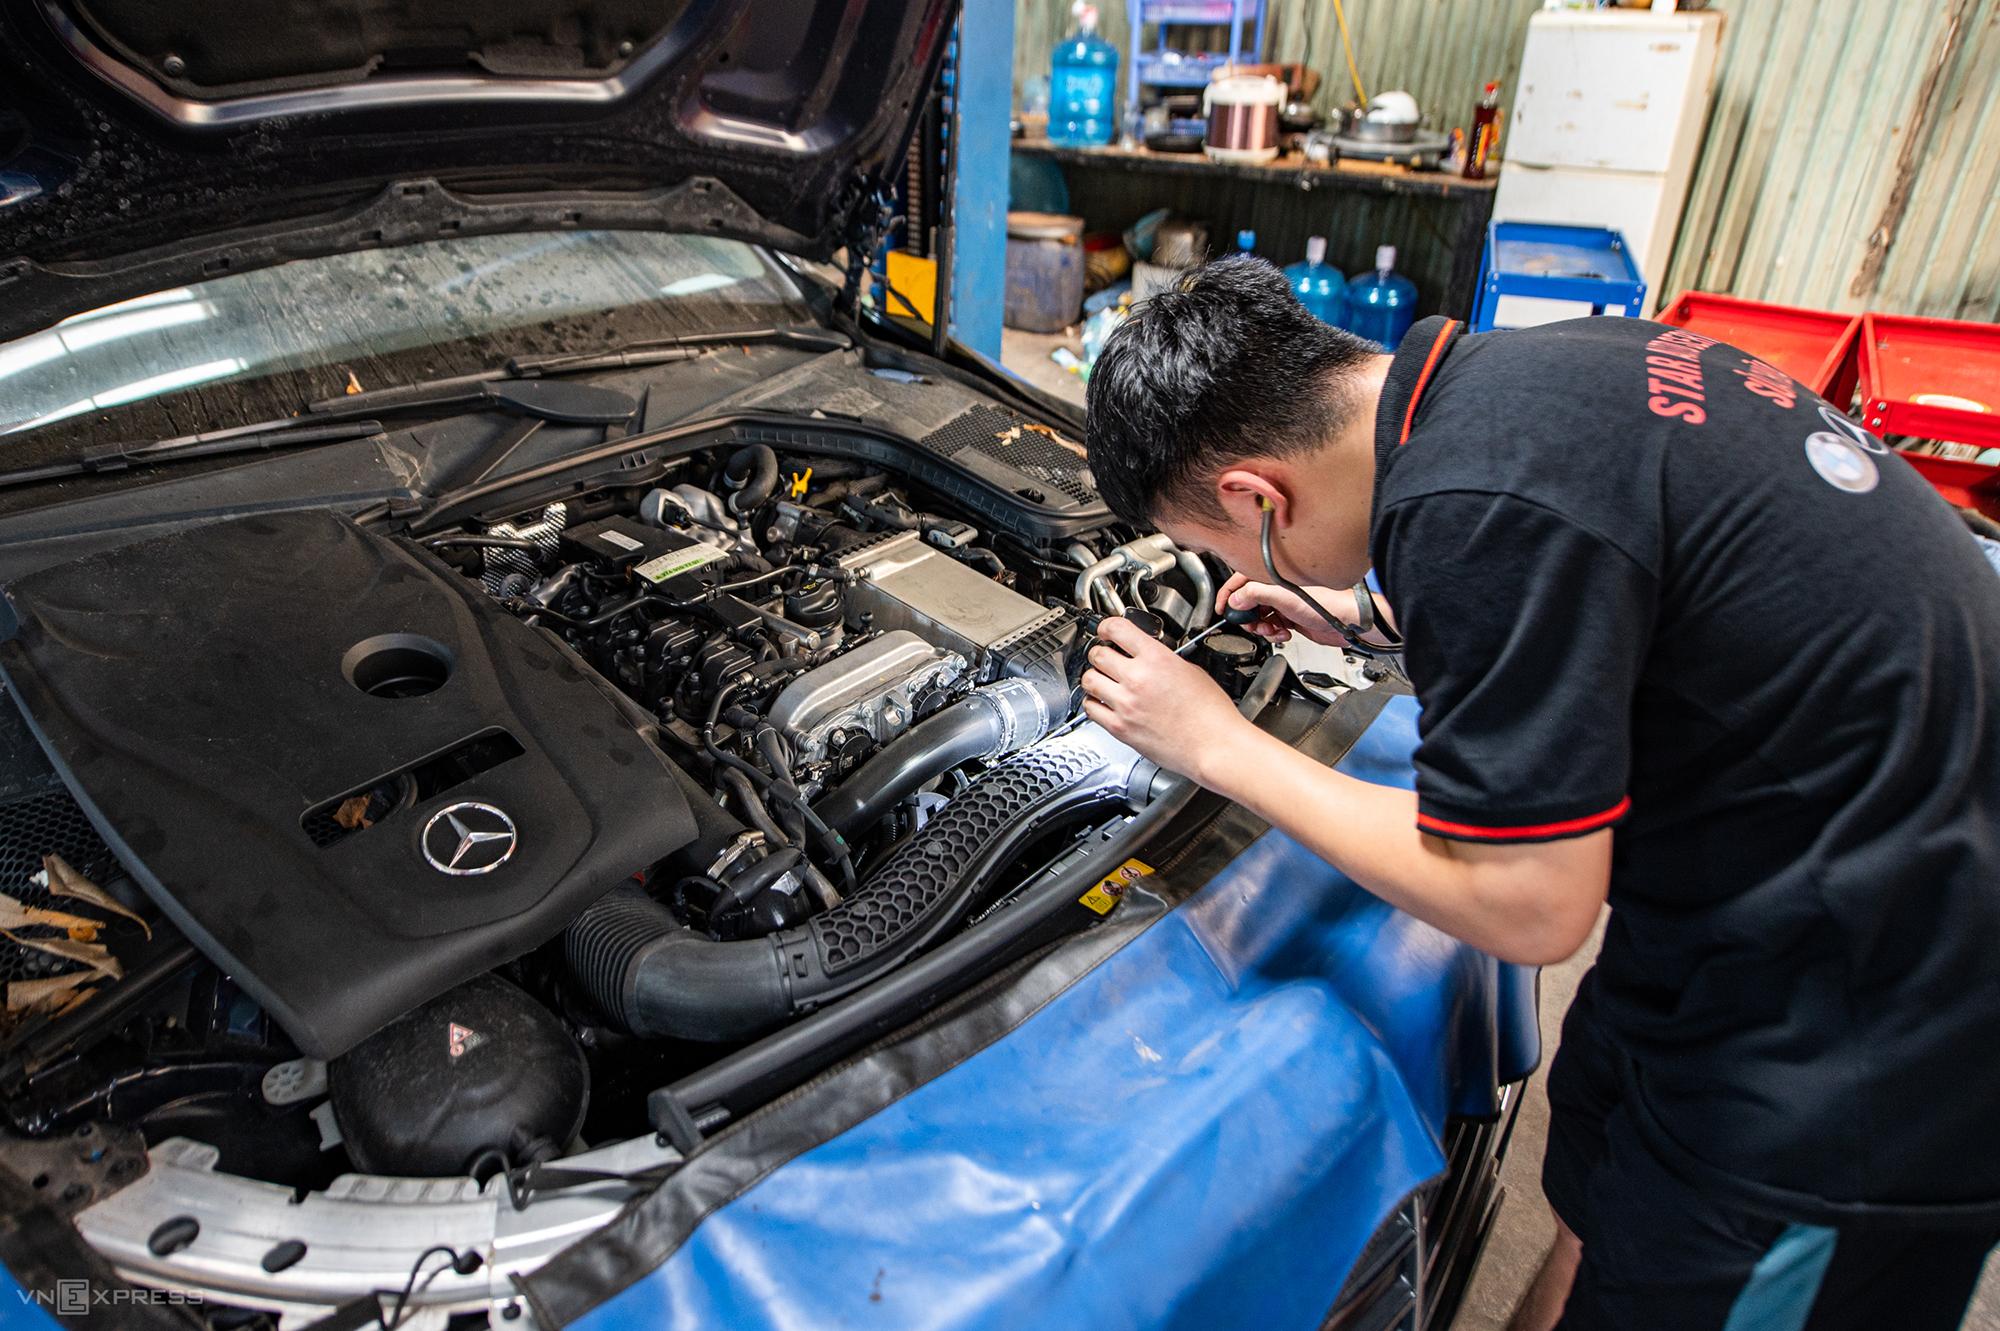 Ôtô để lâu ngày bị hỏng gì, sửa thế nào